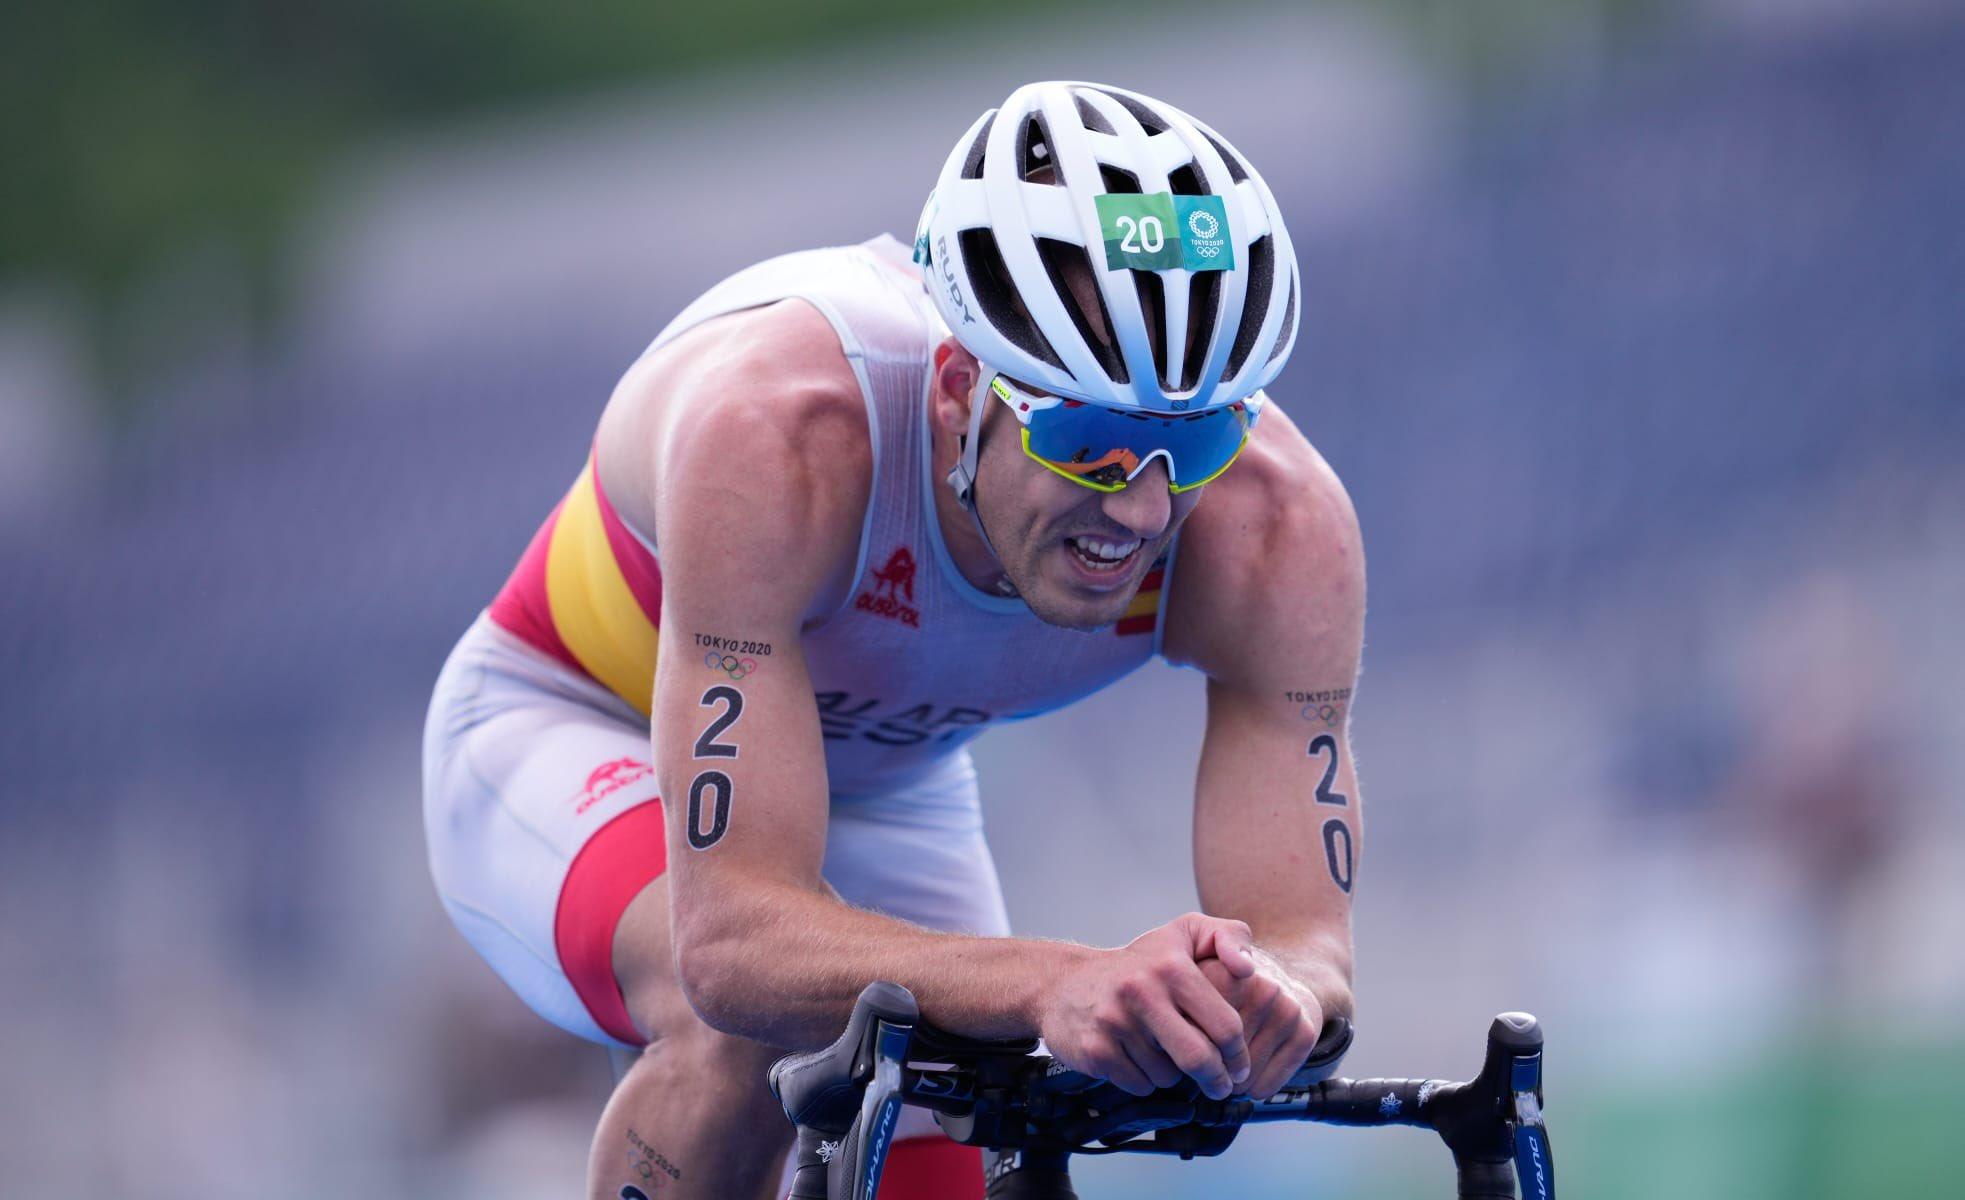 Fernando Alarza, durante la prueba de triatlón de Tokio.